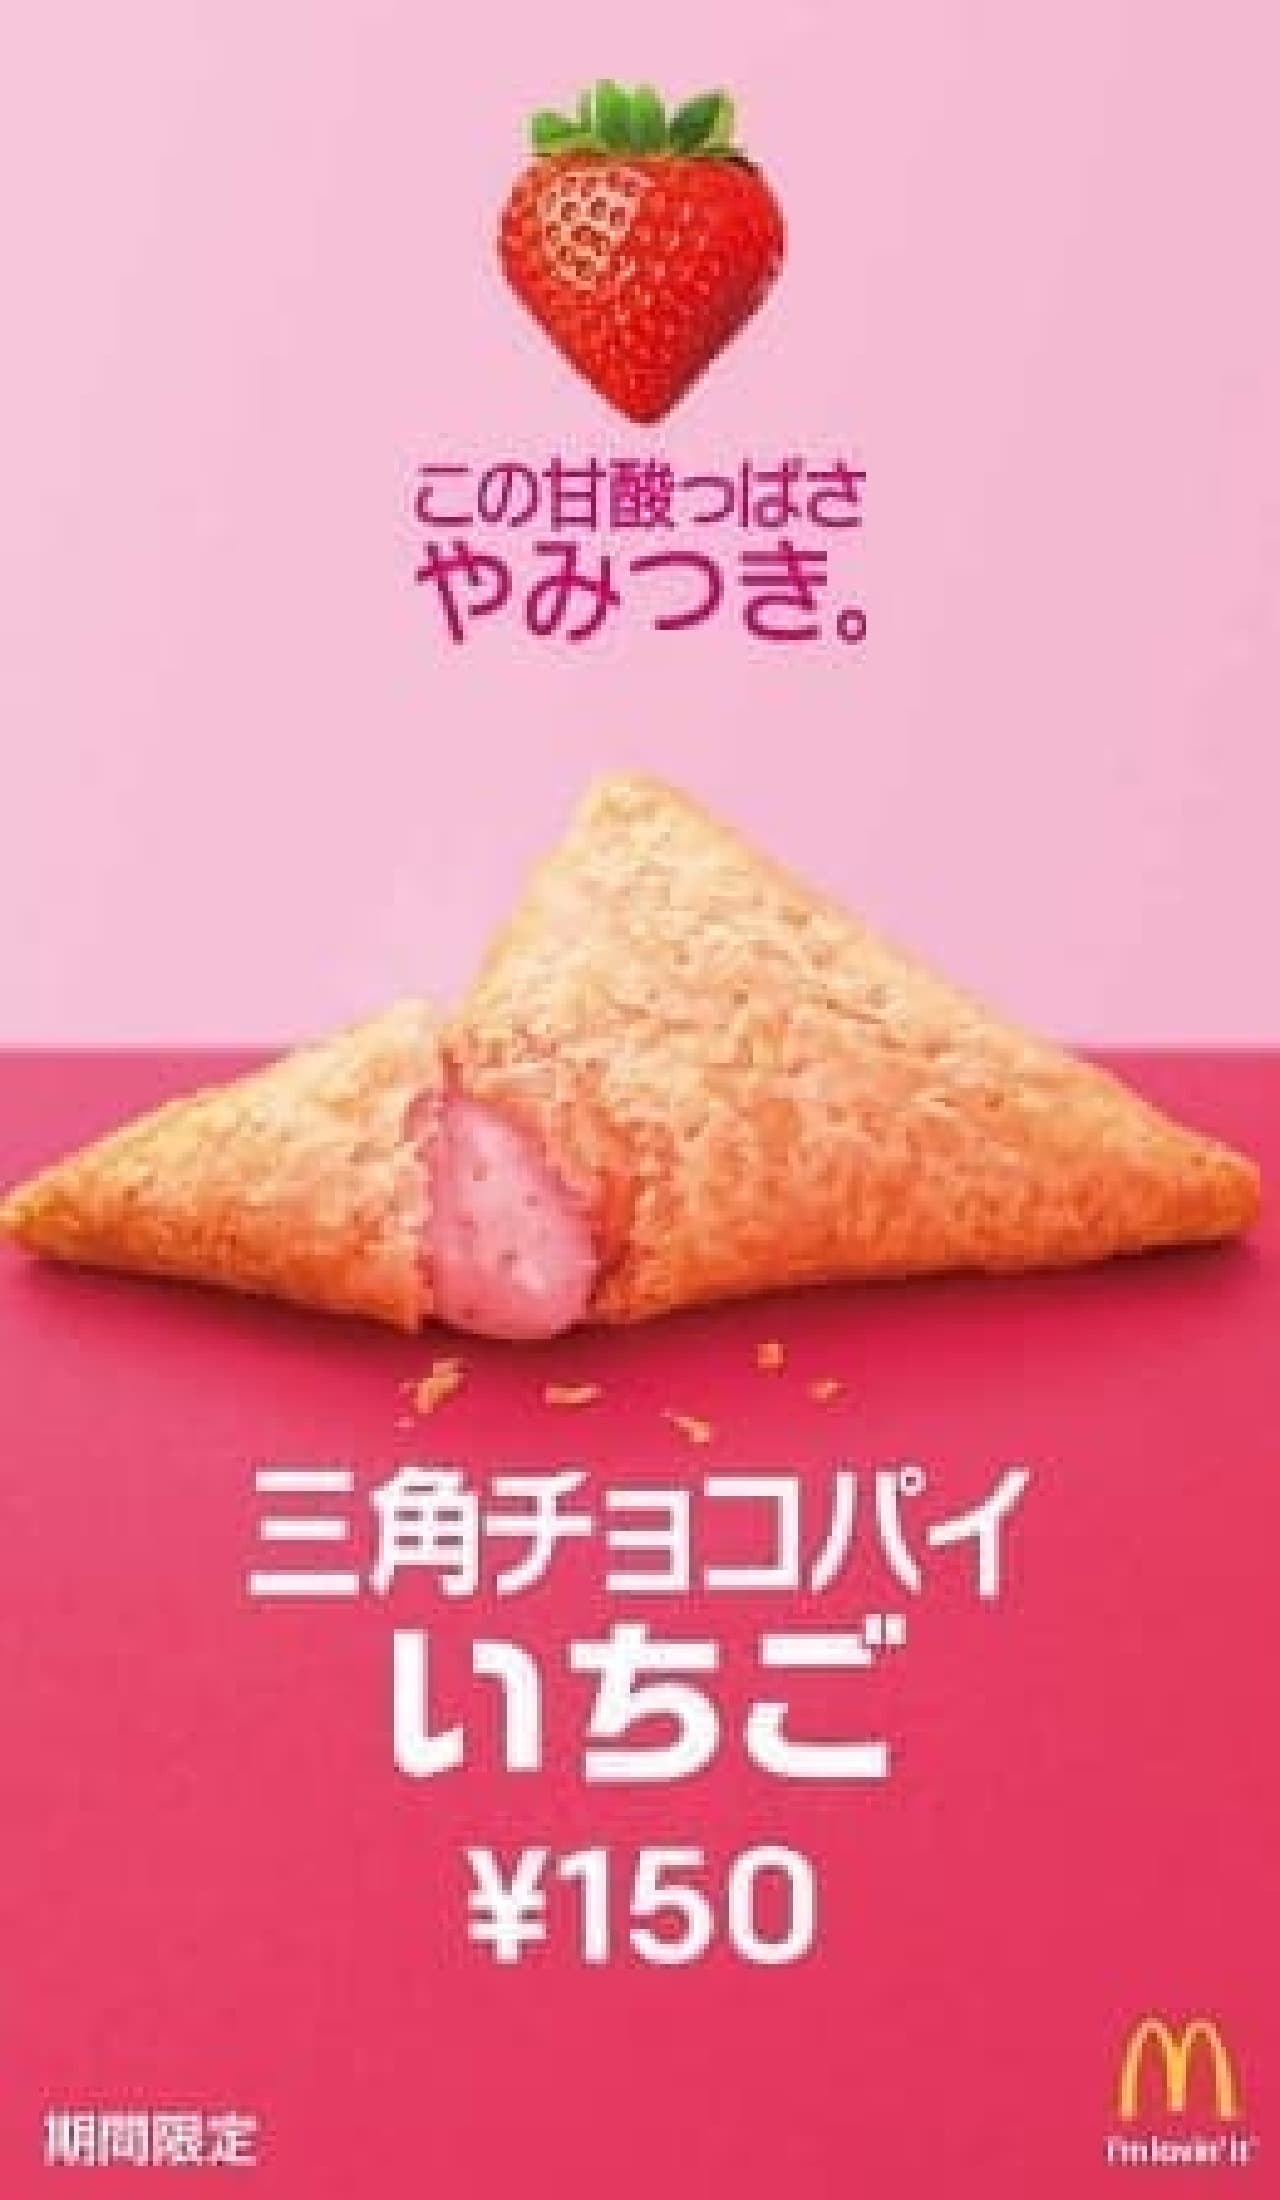 マクドナルド「三角チョコパイ いちご」